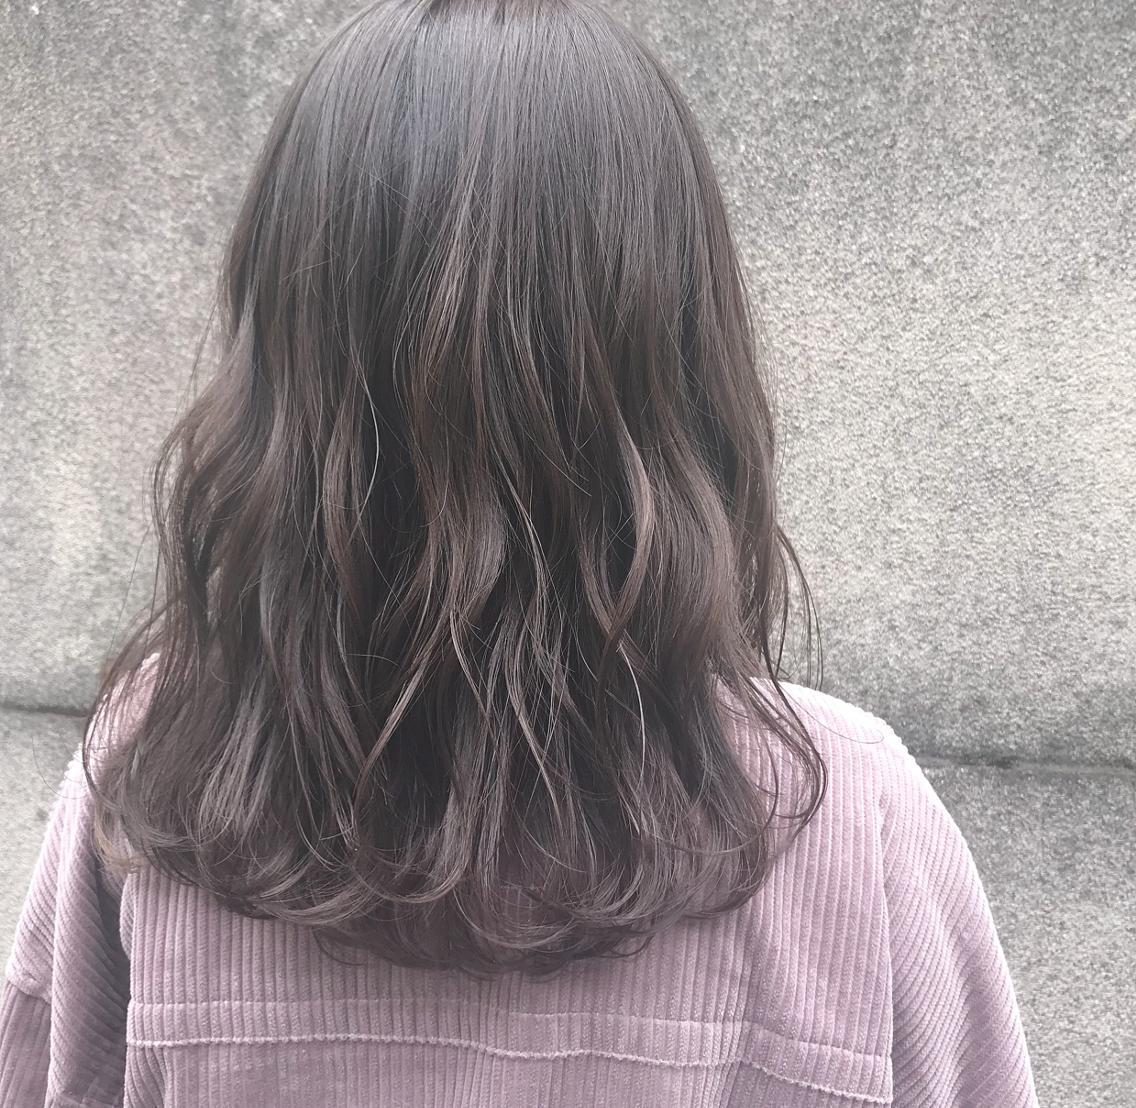 表参道◎当日のご予約可能です❗️透明感のあるカラー得意です❗️スタイリングしやすい髪型の中にトレンドも提案させて頂きます♡メニュー特別価格でご案内♡お気軽にご連絡下さい